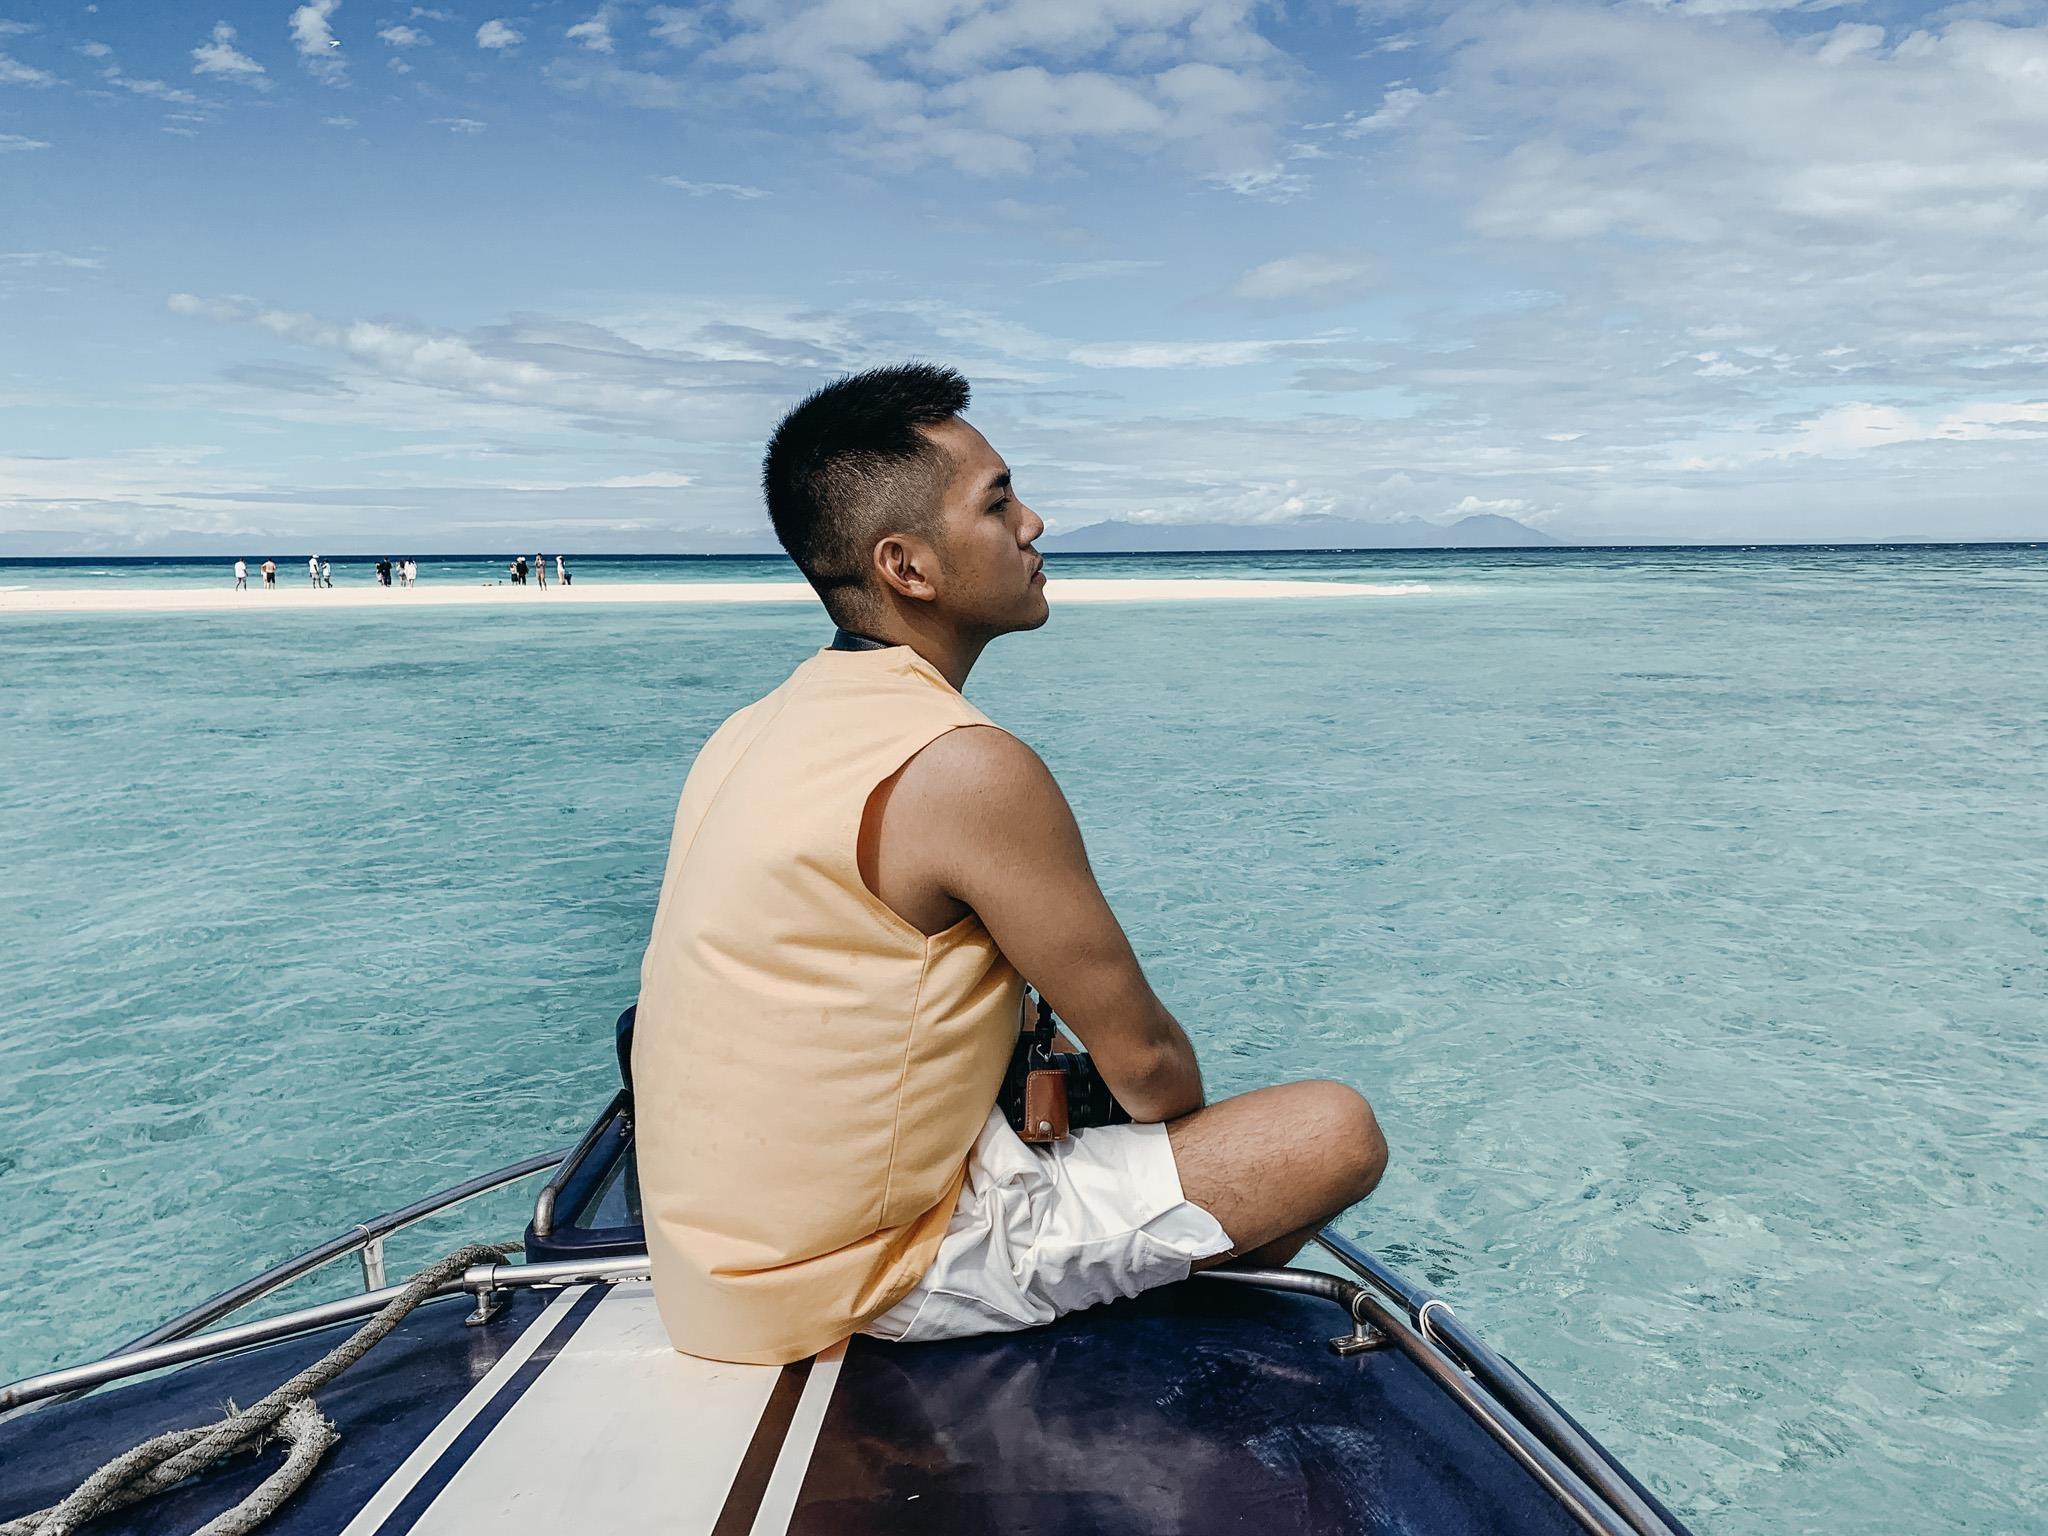 Dao Morotai, thien duong bien sap 'soan ngoi' Bali o Indonesia hinh anh 5